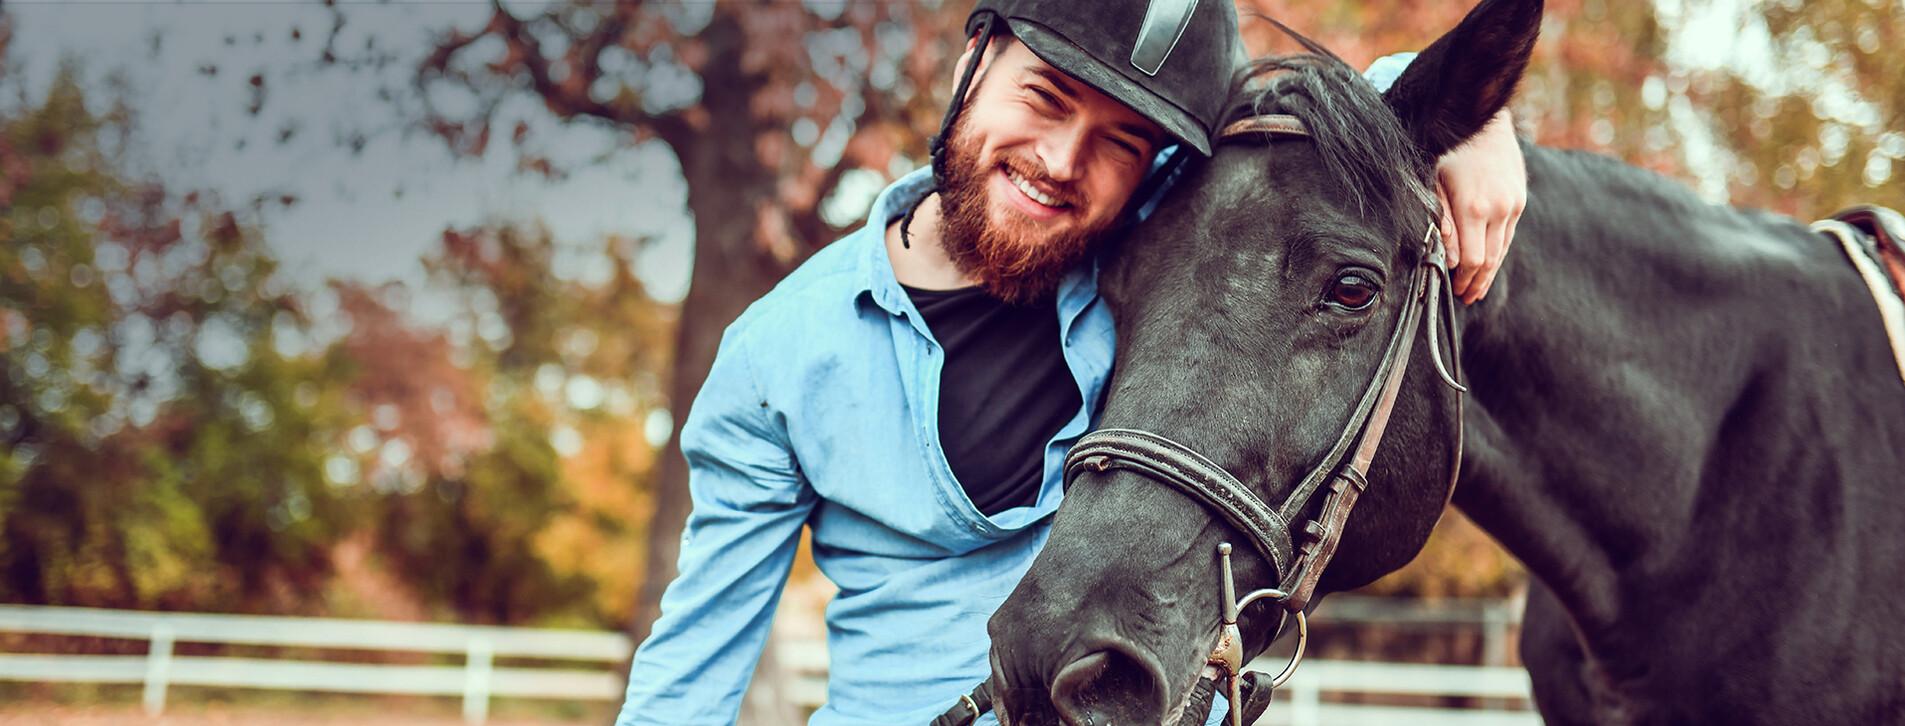 Фото 1 - Семейный уикенд в загородном конном клубе